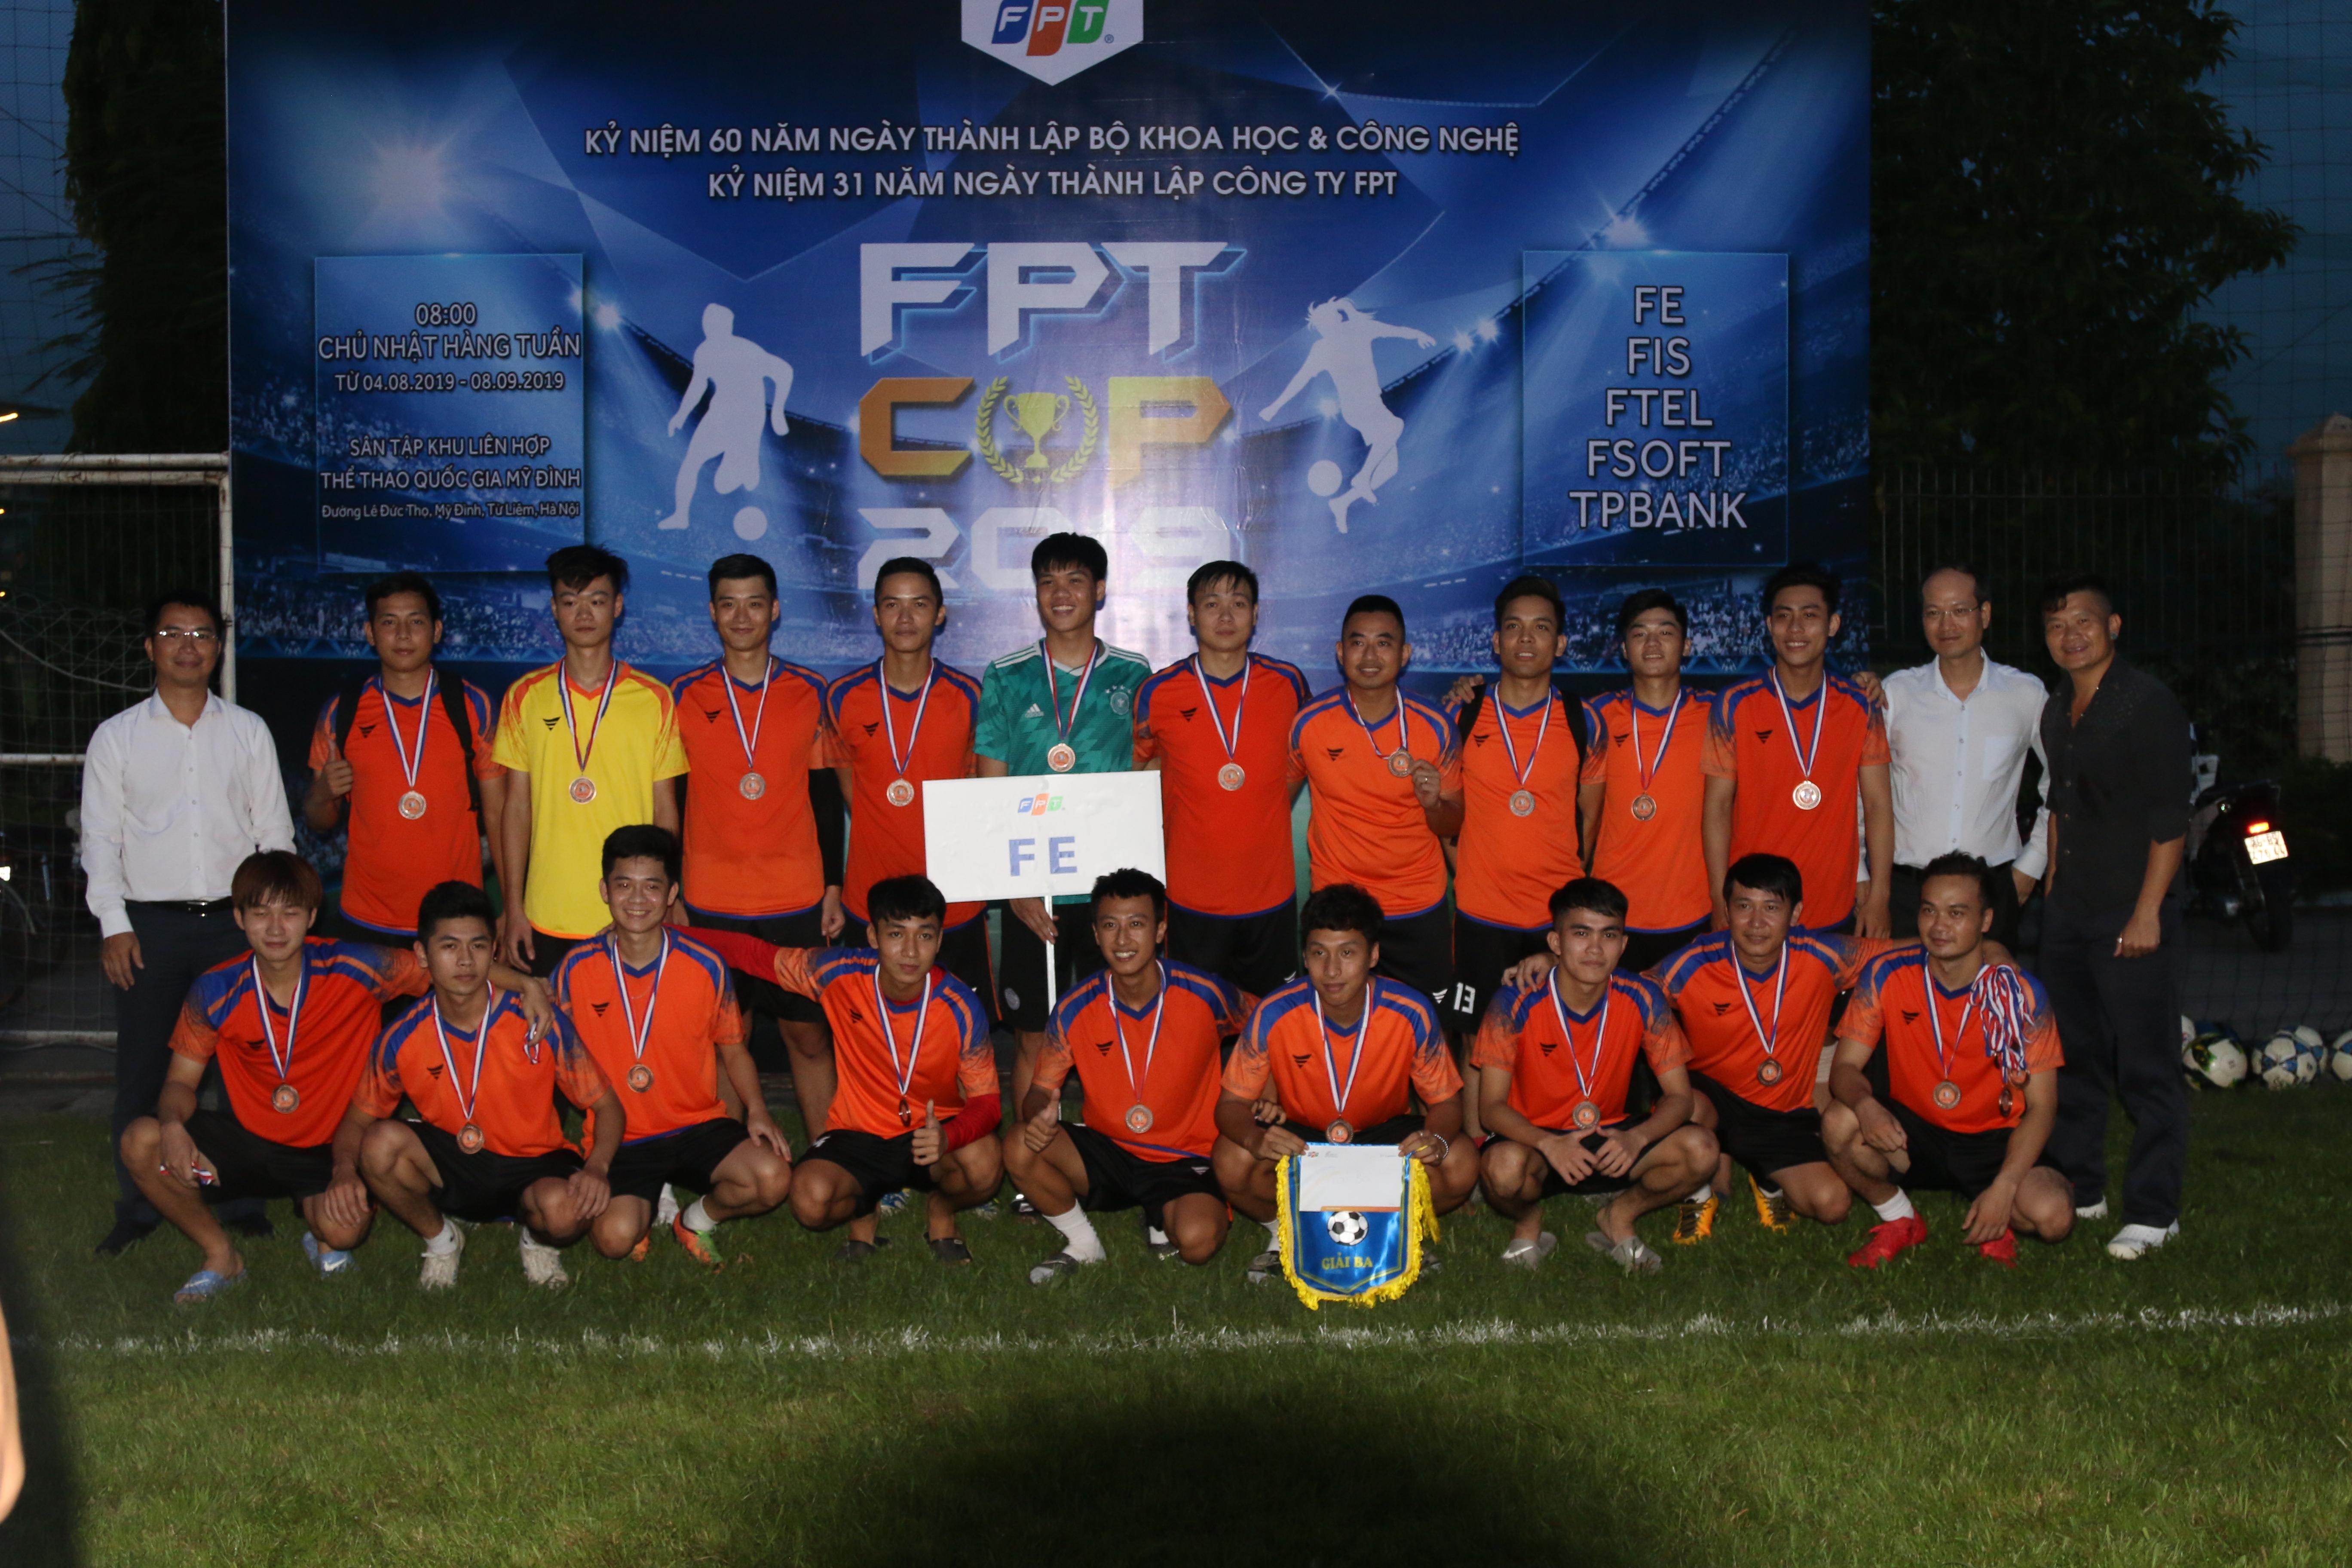 Dù FPT Education giành lợi thế với chiến thắng 2-0 ngày khai mạc nhưng phong độ các cầu thủ nhà Giáo dục không được duy trì đến hết giải đấu. Kết quả chung cuộc, FPT Education đạt giải Ba với 3 triệu đồng tiền thưởng, cùng huy chương và cờ lưu niệm.